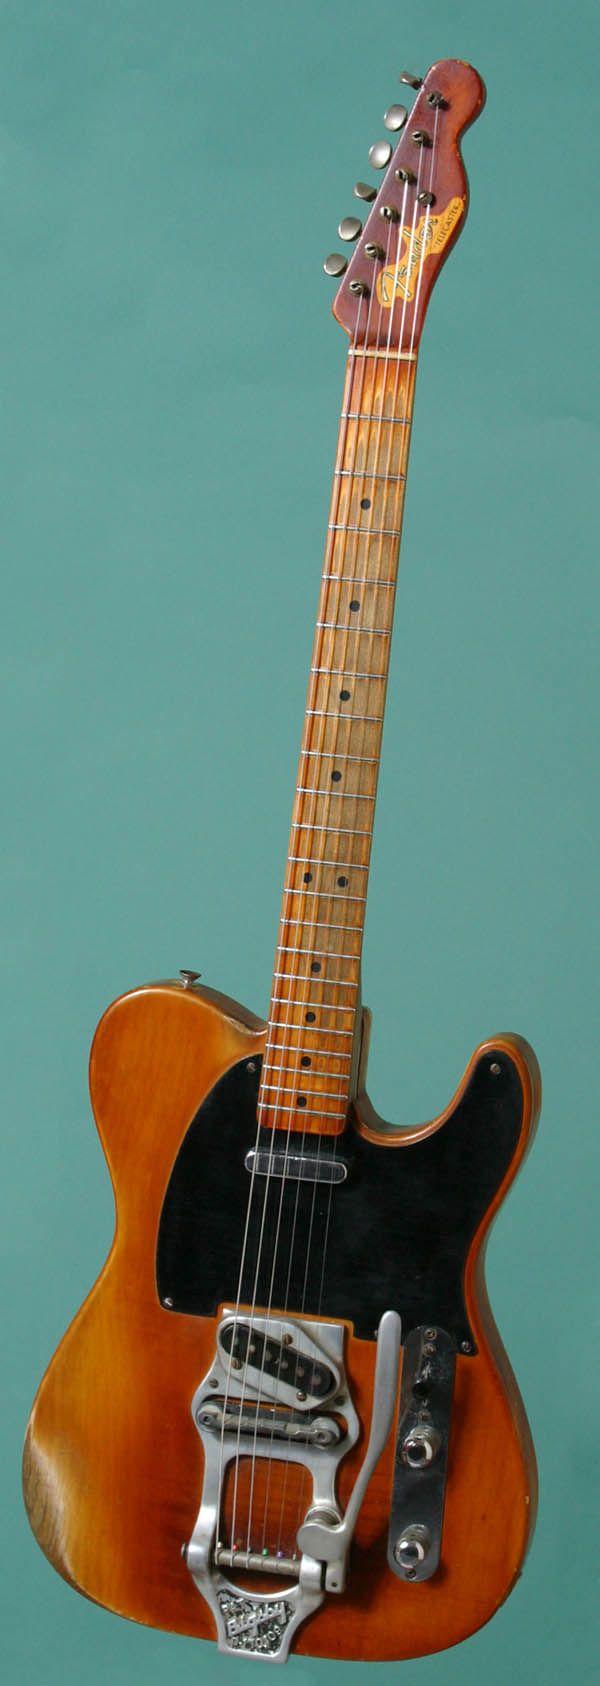 Original '52 Fender Telecaster with Bigsby tremolo.  #vintage #guitar